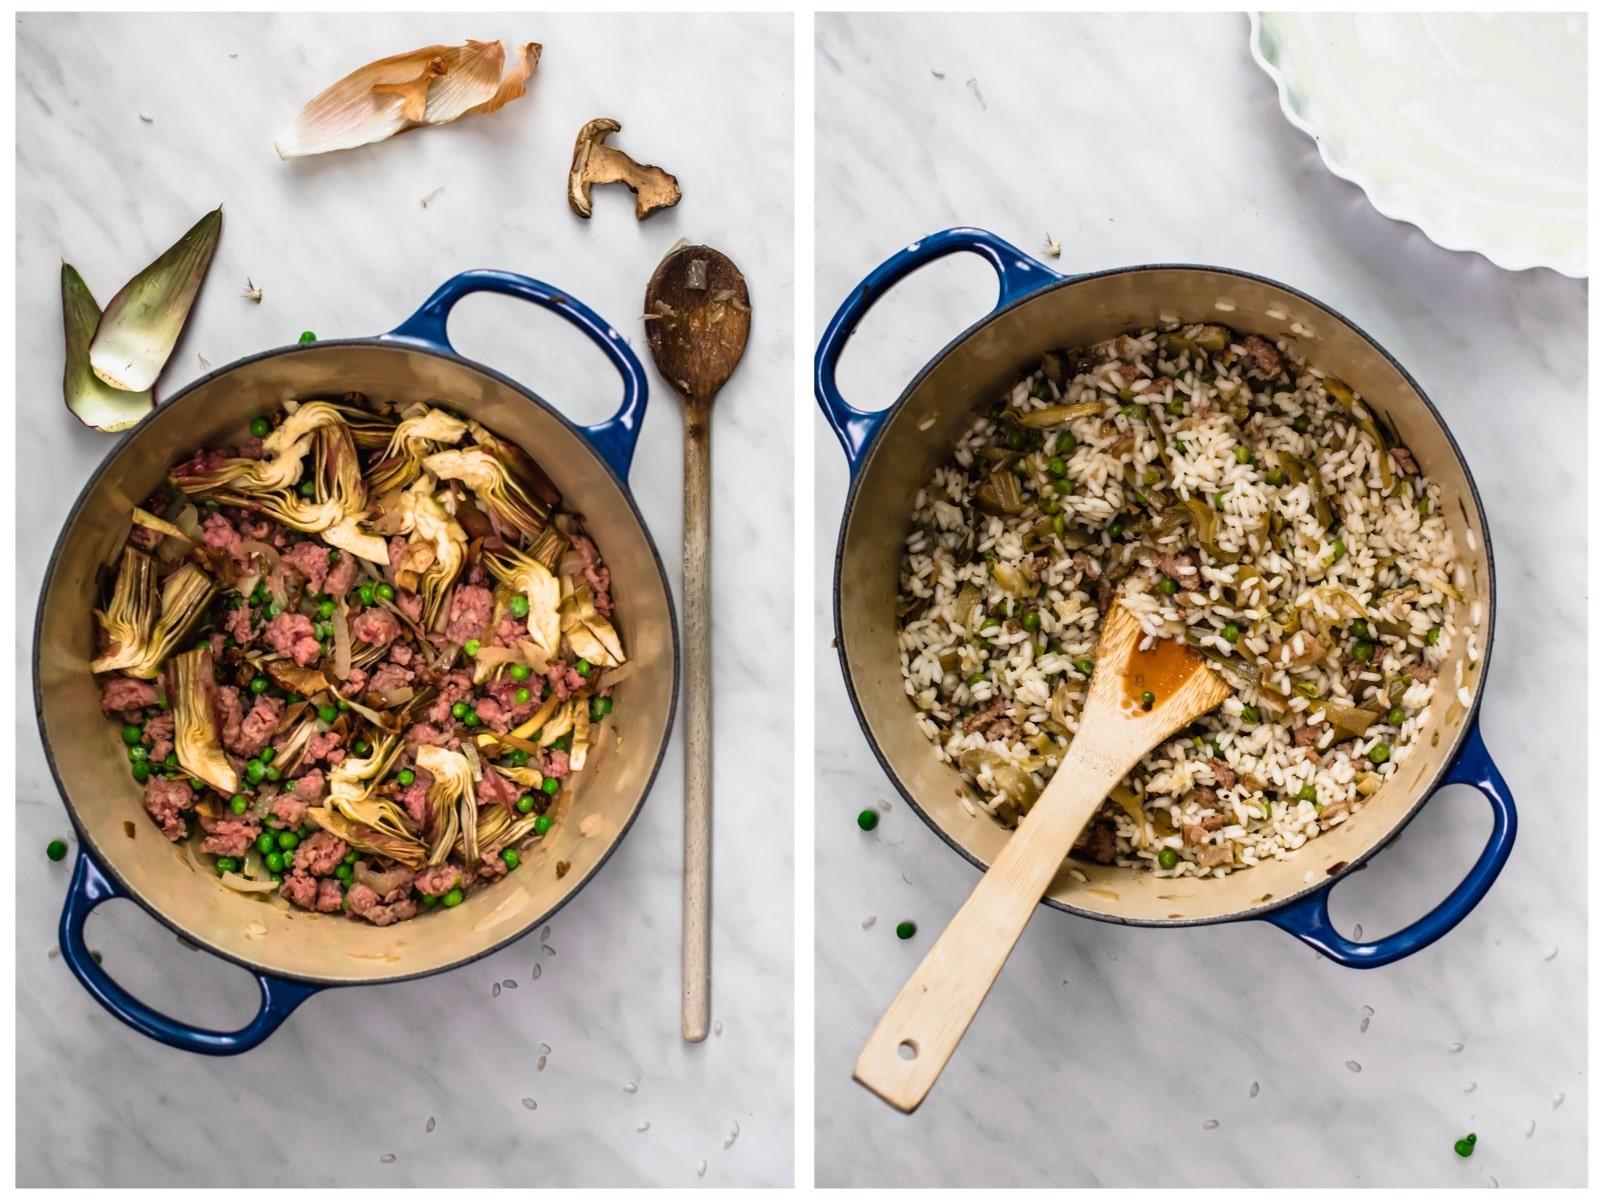 Genoese roasted rice: preparation